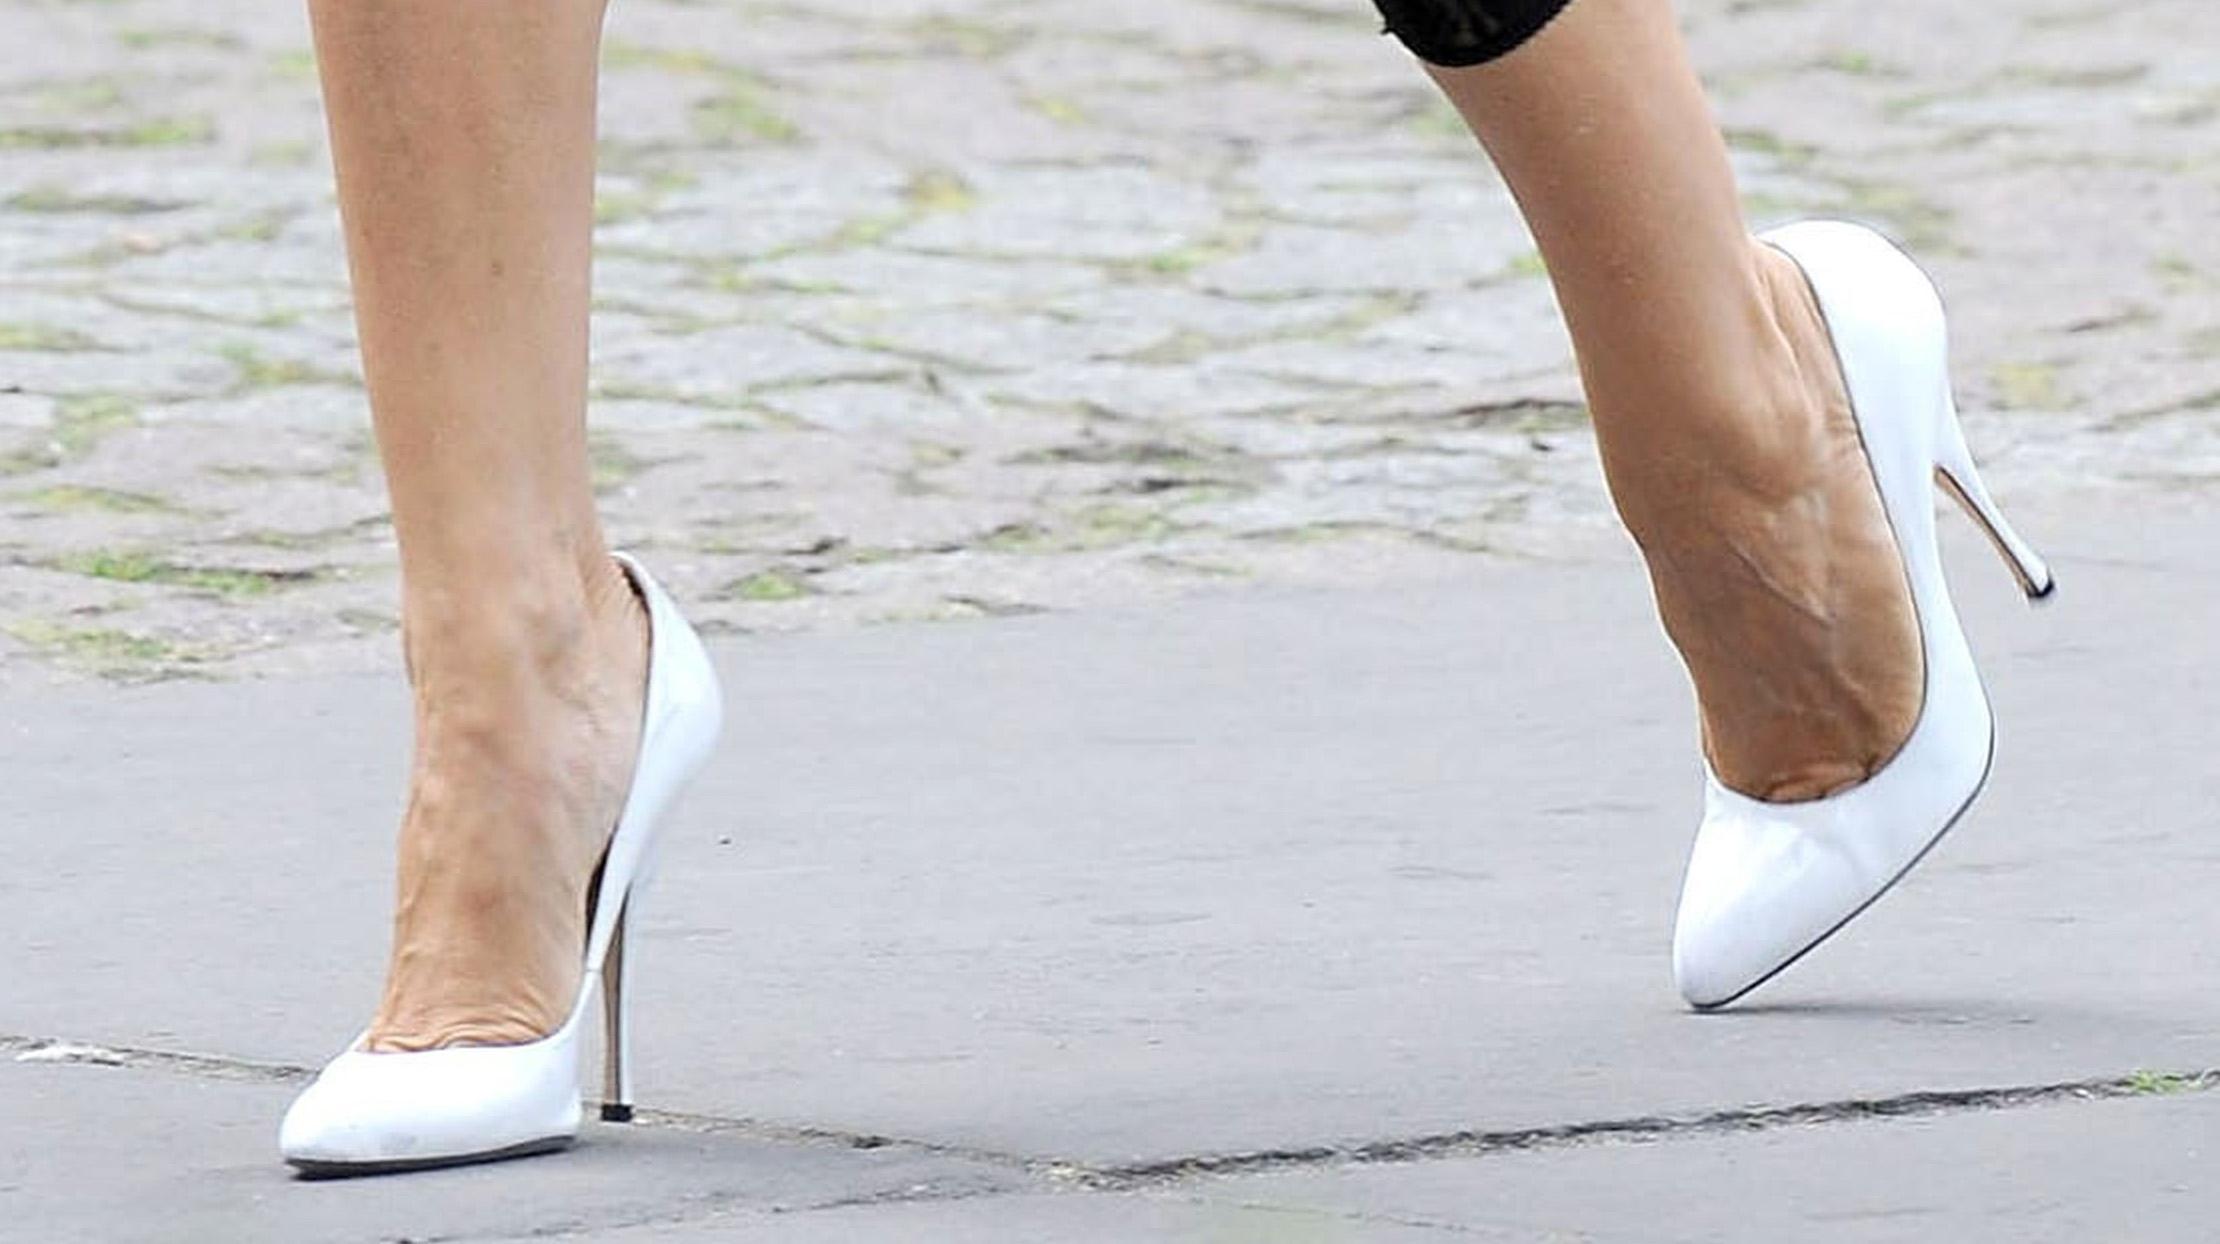 النساء اكثر عرضة للاصابة من اسباب دوالى الساقين